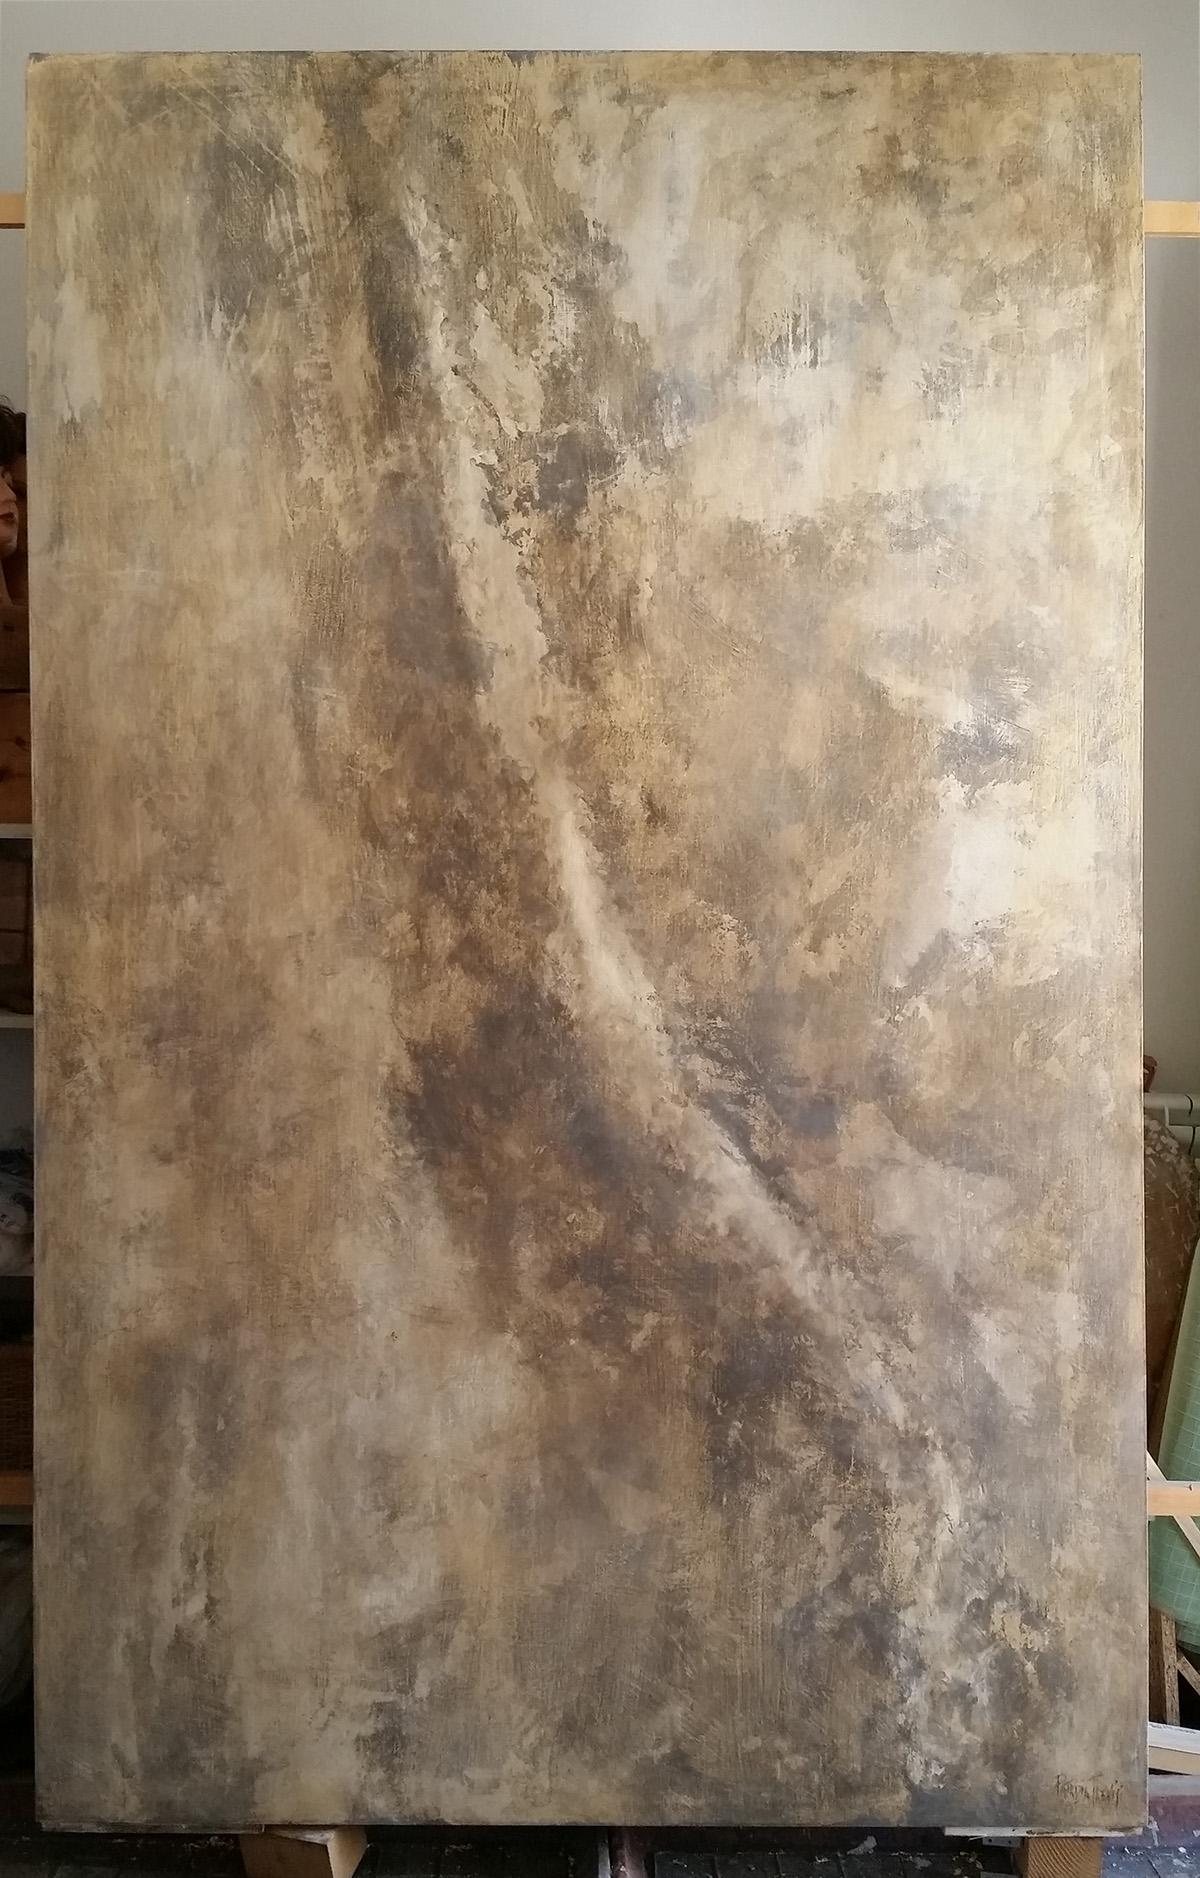 Quadro Bifacciale Gray and Brown. 2018 Collezione privata. Tecnica mista. Colorazione con pigmenti su tavola. Cm 200x 240